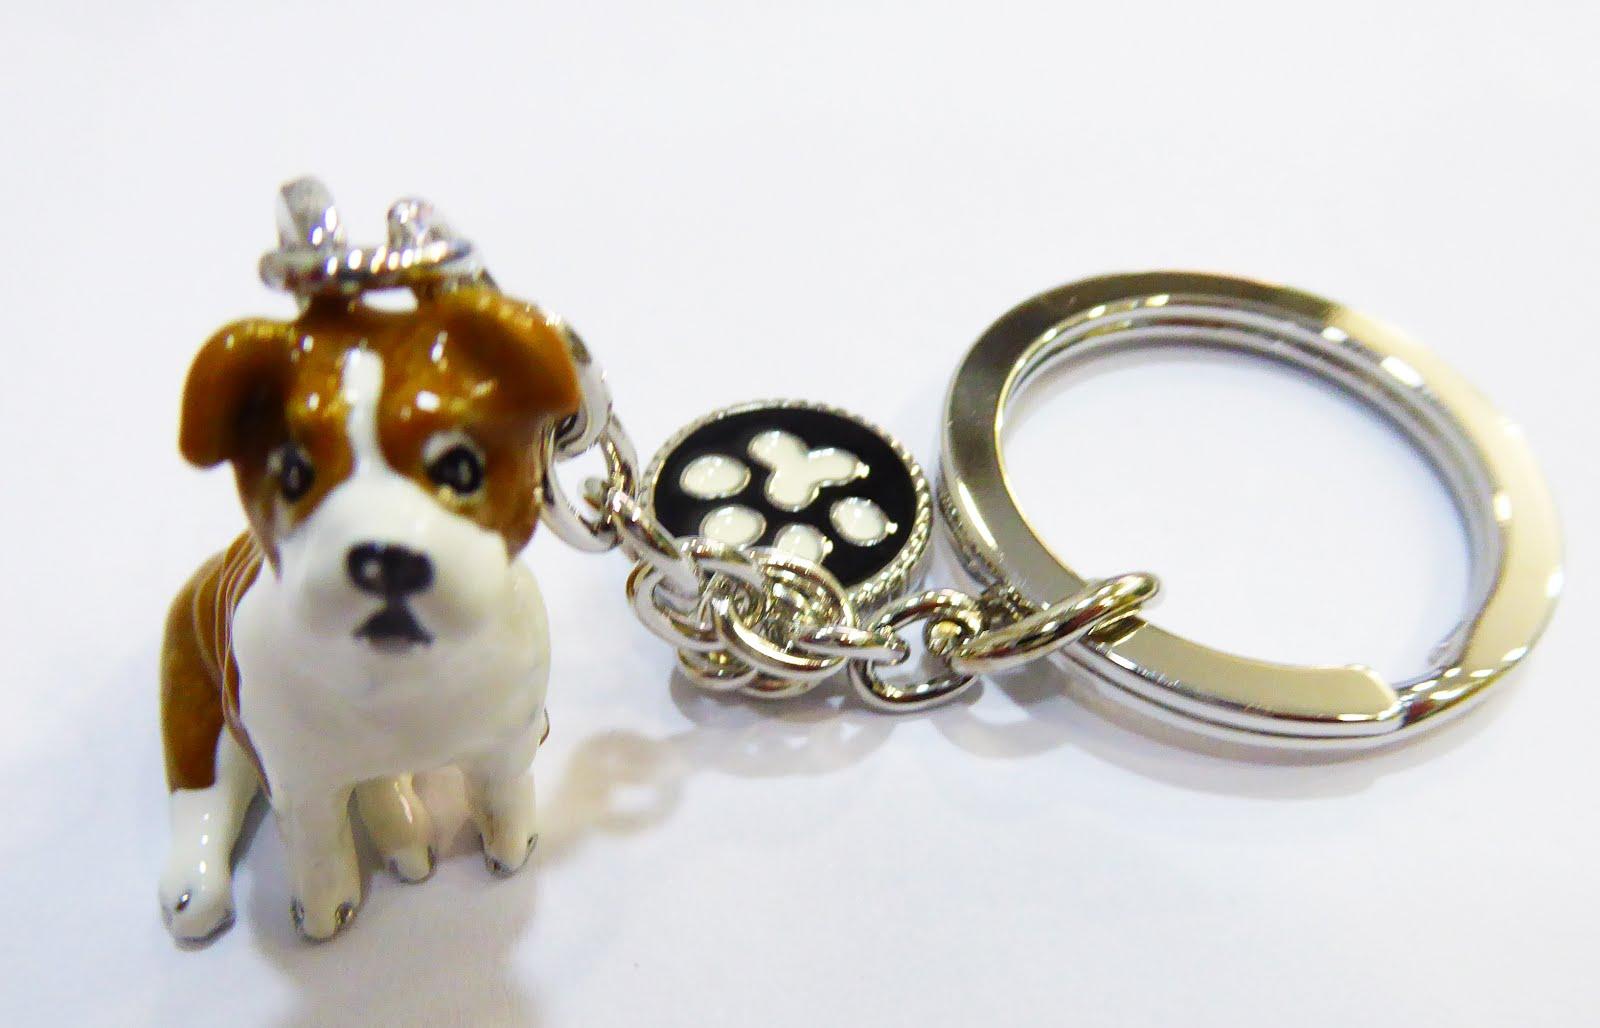 Llavero de acero y porcelana con la figura de un perro